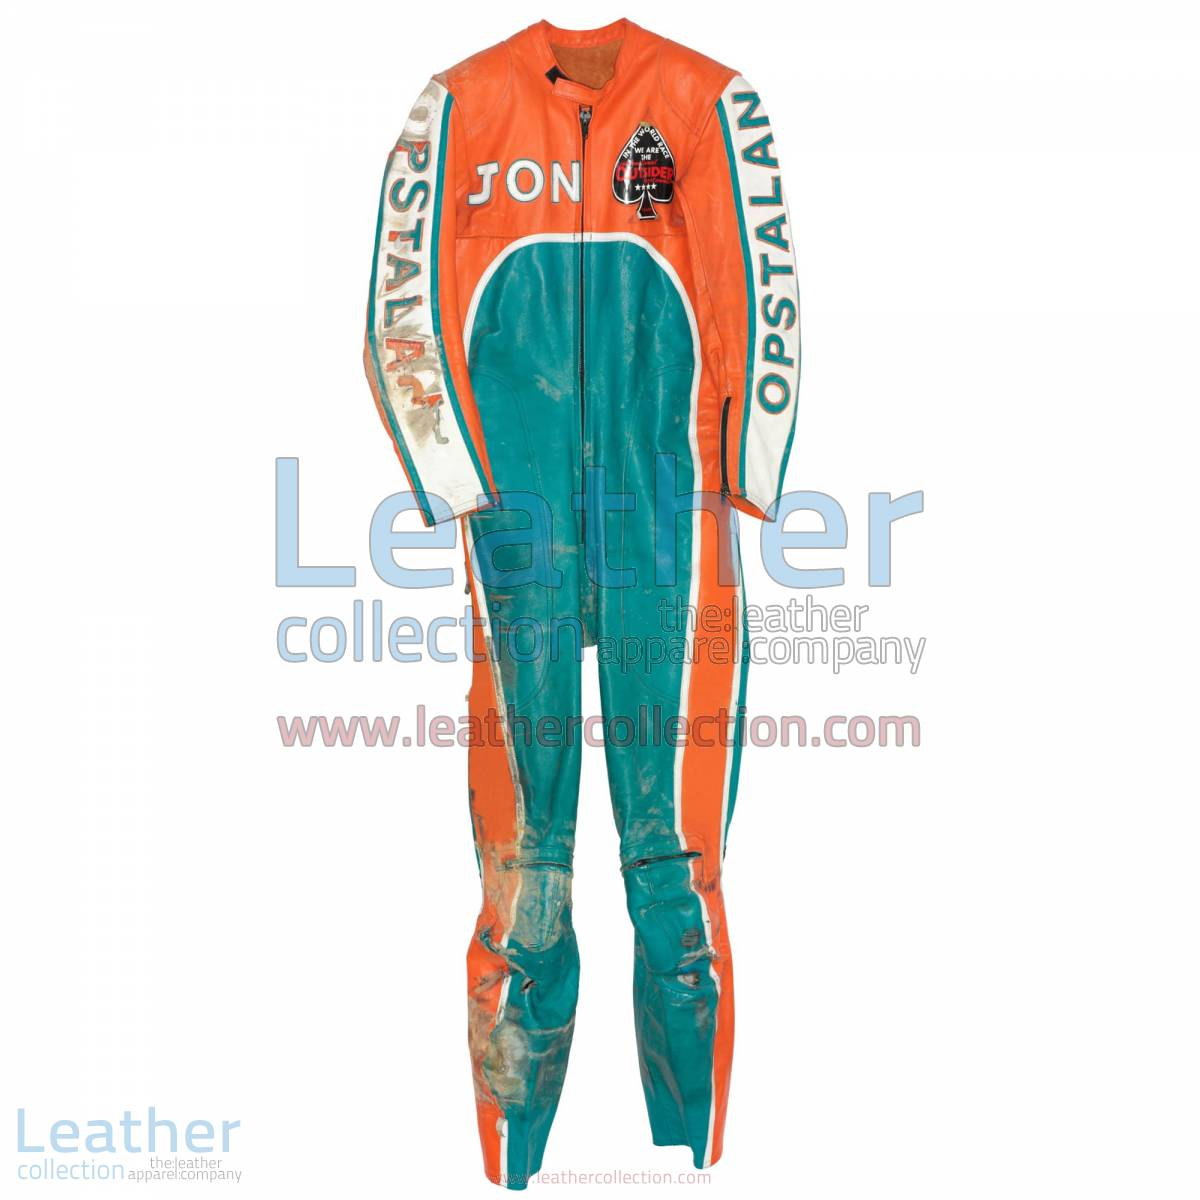 Jon Ekerold Yamaha GP 1980 Leathers | yamaha leathers